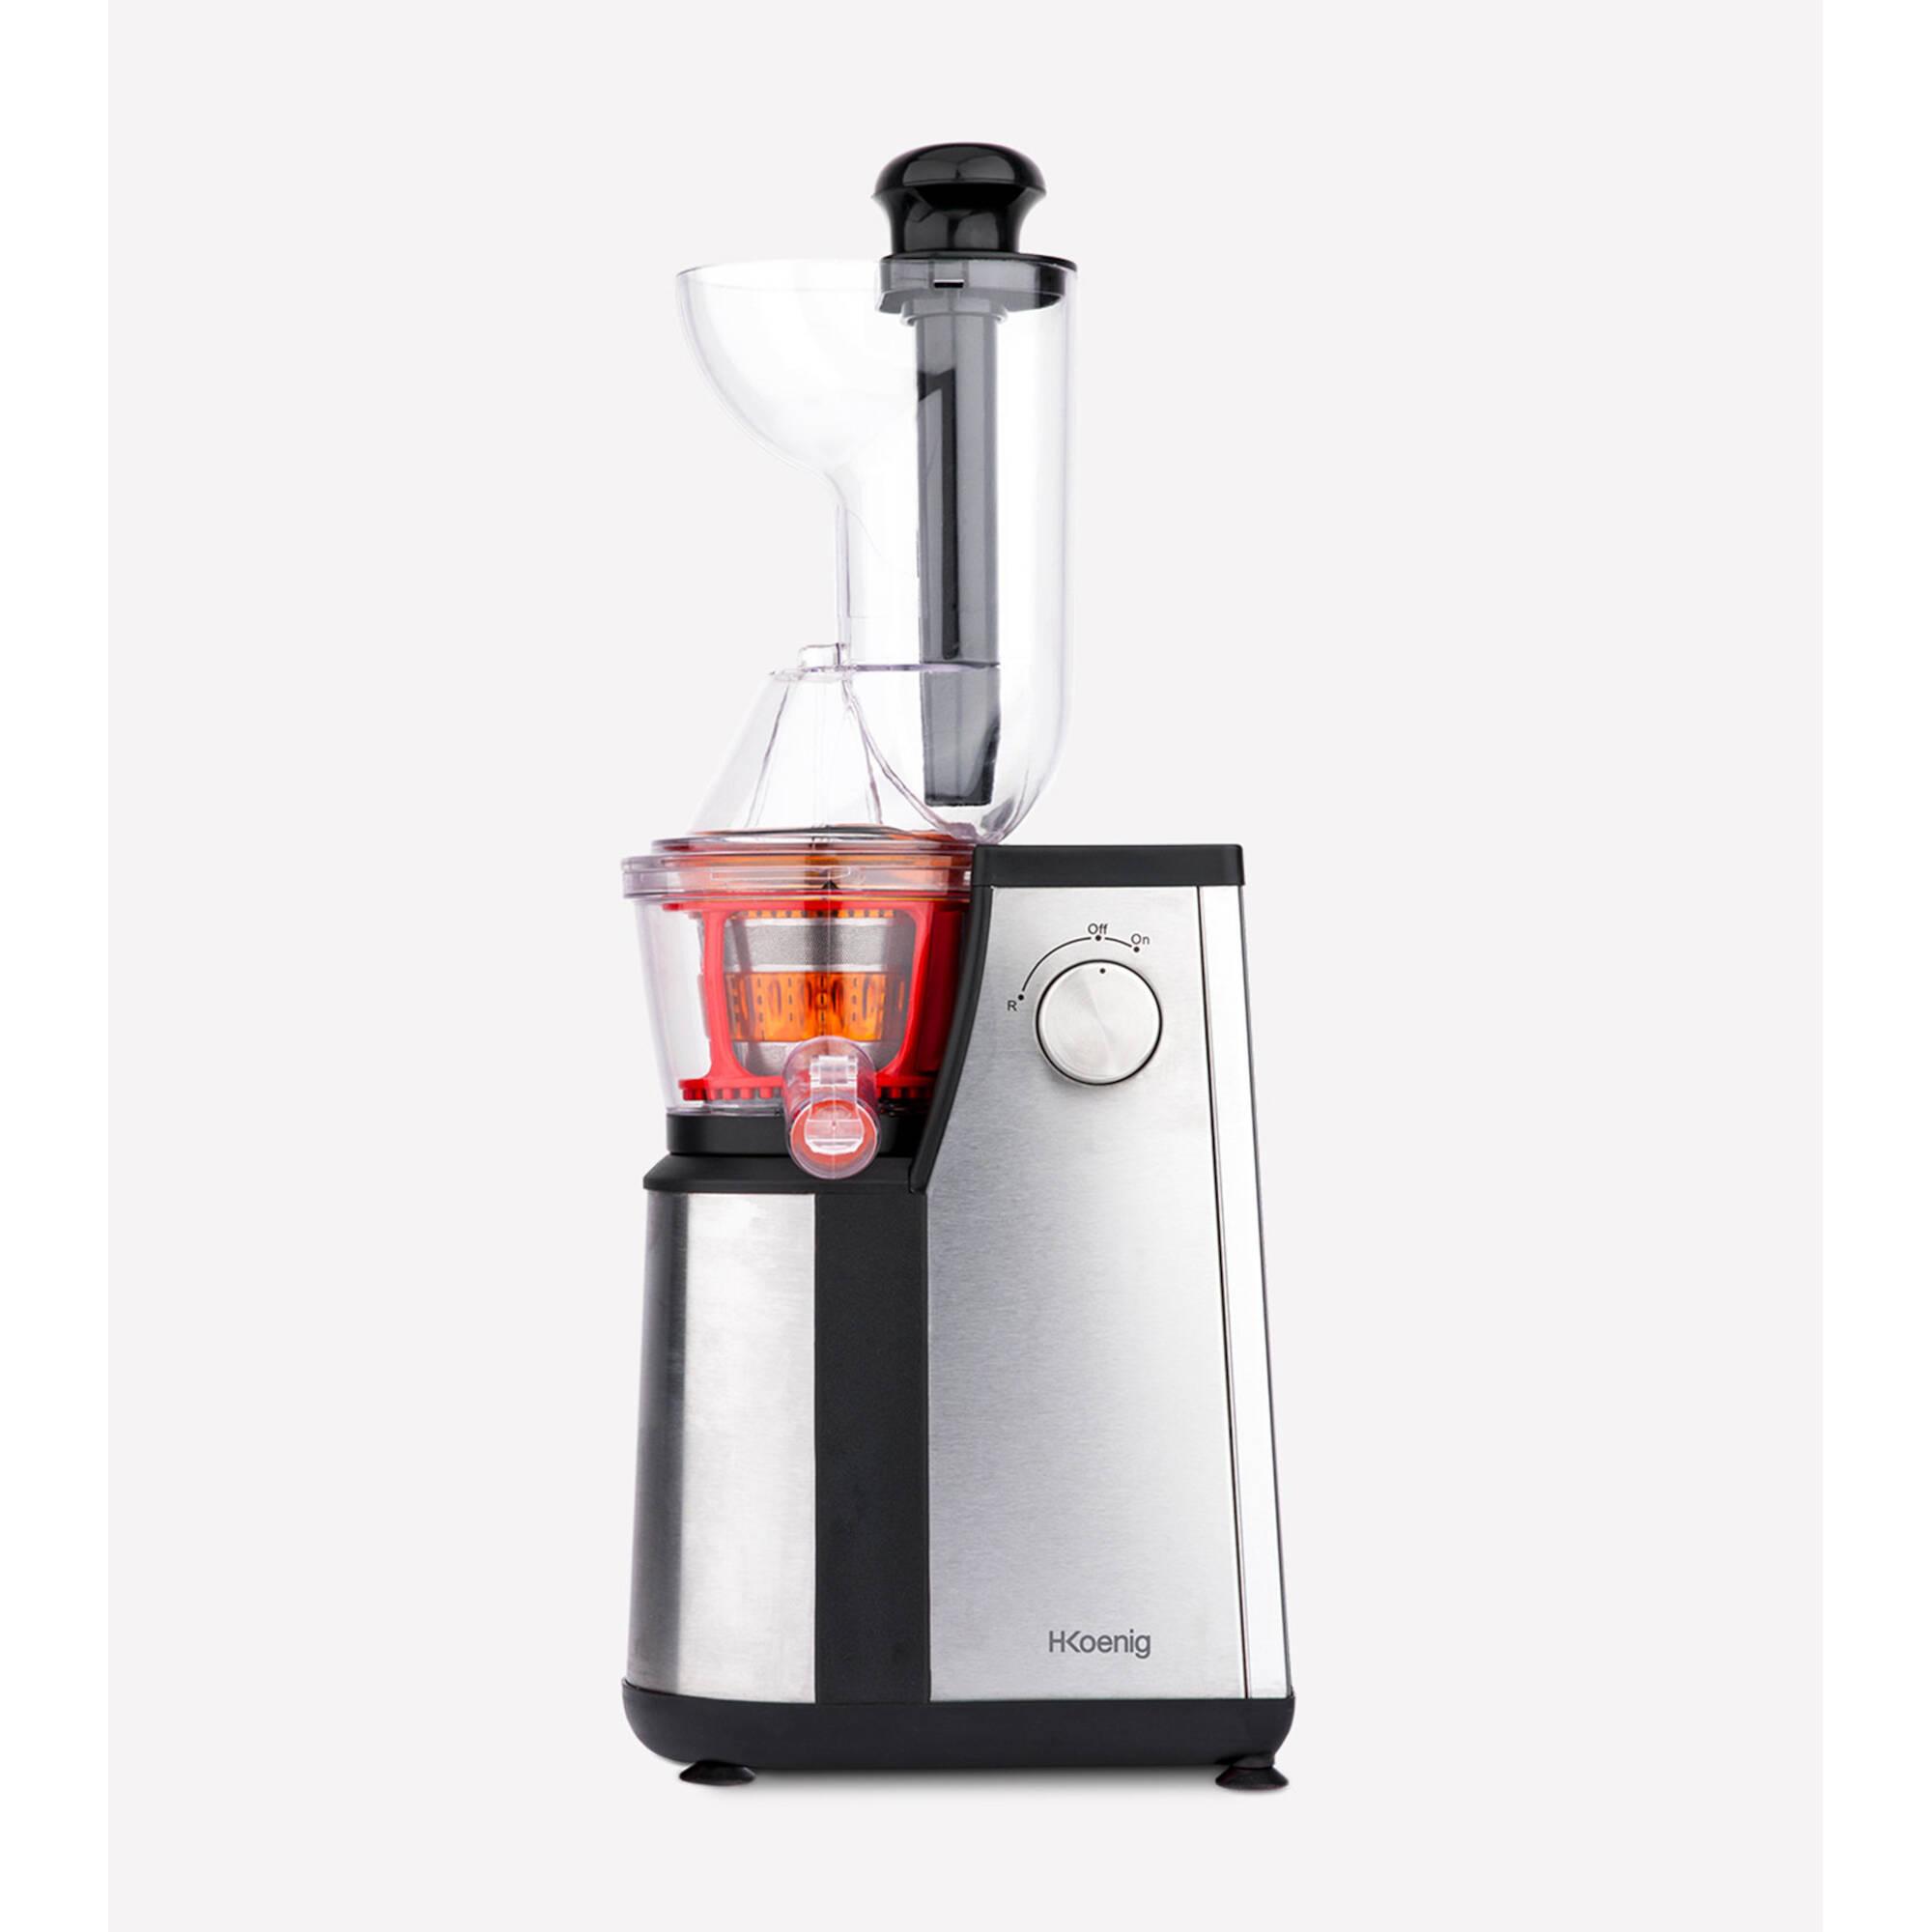 Estrattore di succo a lenta rotazione vitamin + 3 Filtri per succo, 50 giri/min, 21,5x24xh57 cm Peso 7,14